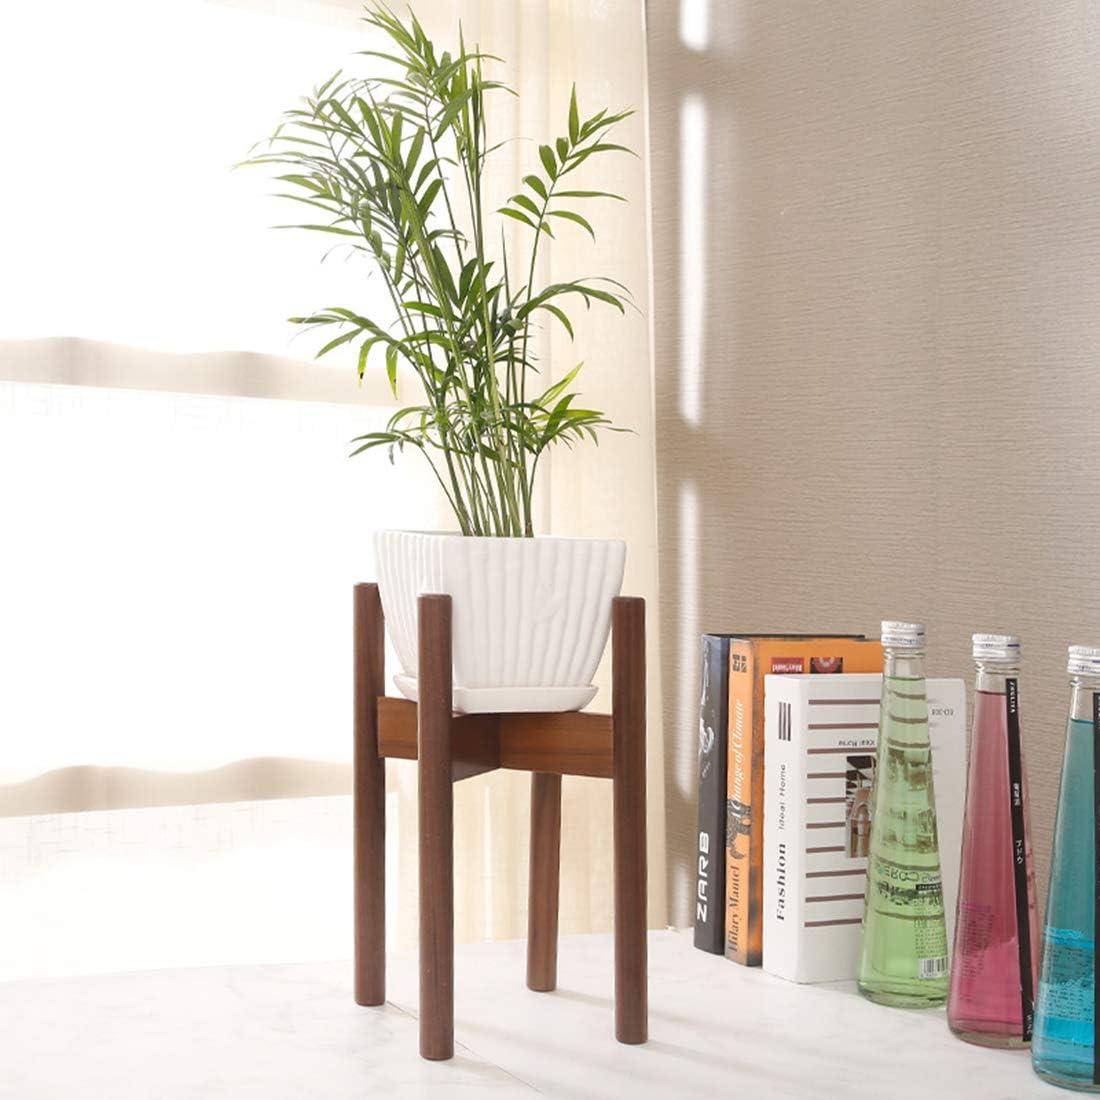 Maceta de madera de la mejor calidad, macetas y macetas – Nueva maceta nórdica de madera para macetas de jardín y decoración del hogar ecológica (no incluye maceta de flores y plantas) –